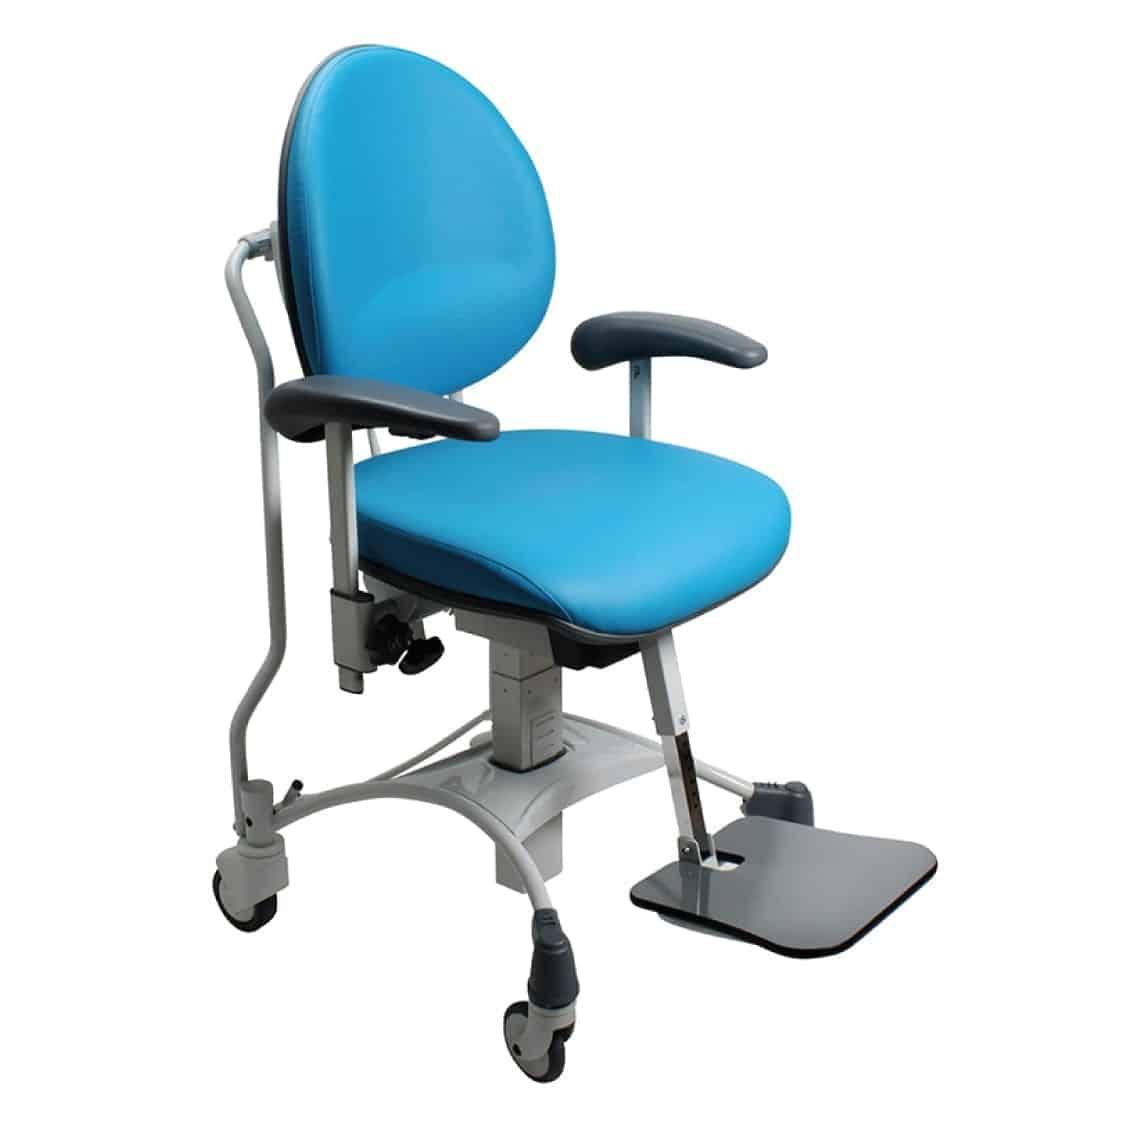 posture chair demo recliner covers uk ergonomic seating agile medical